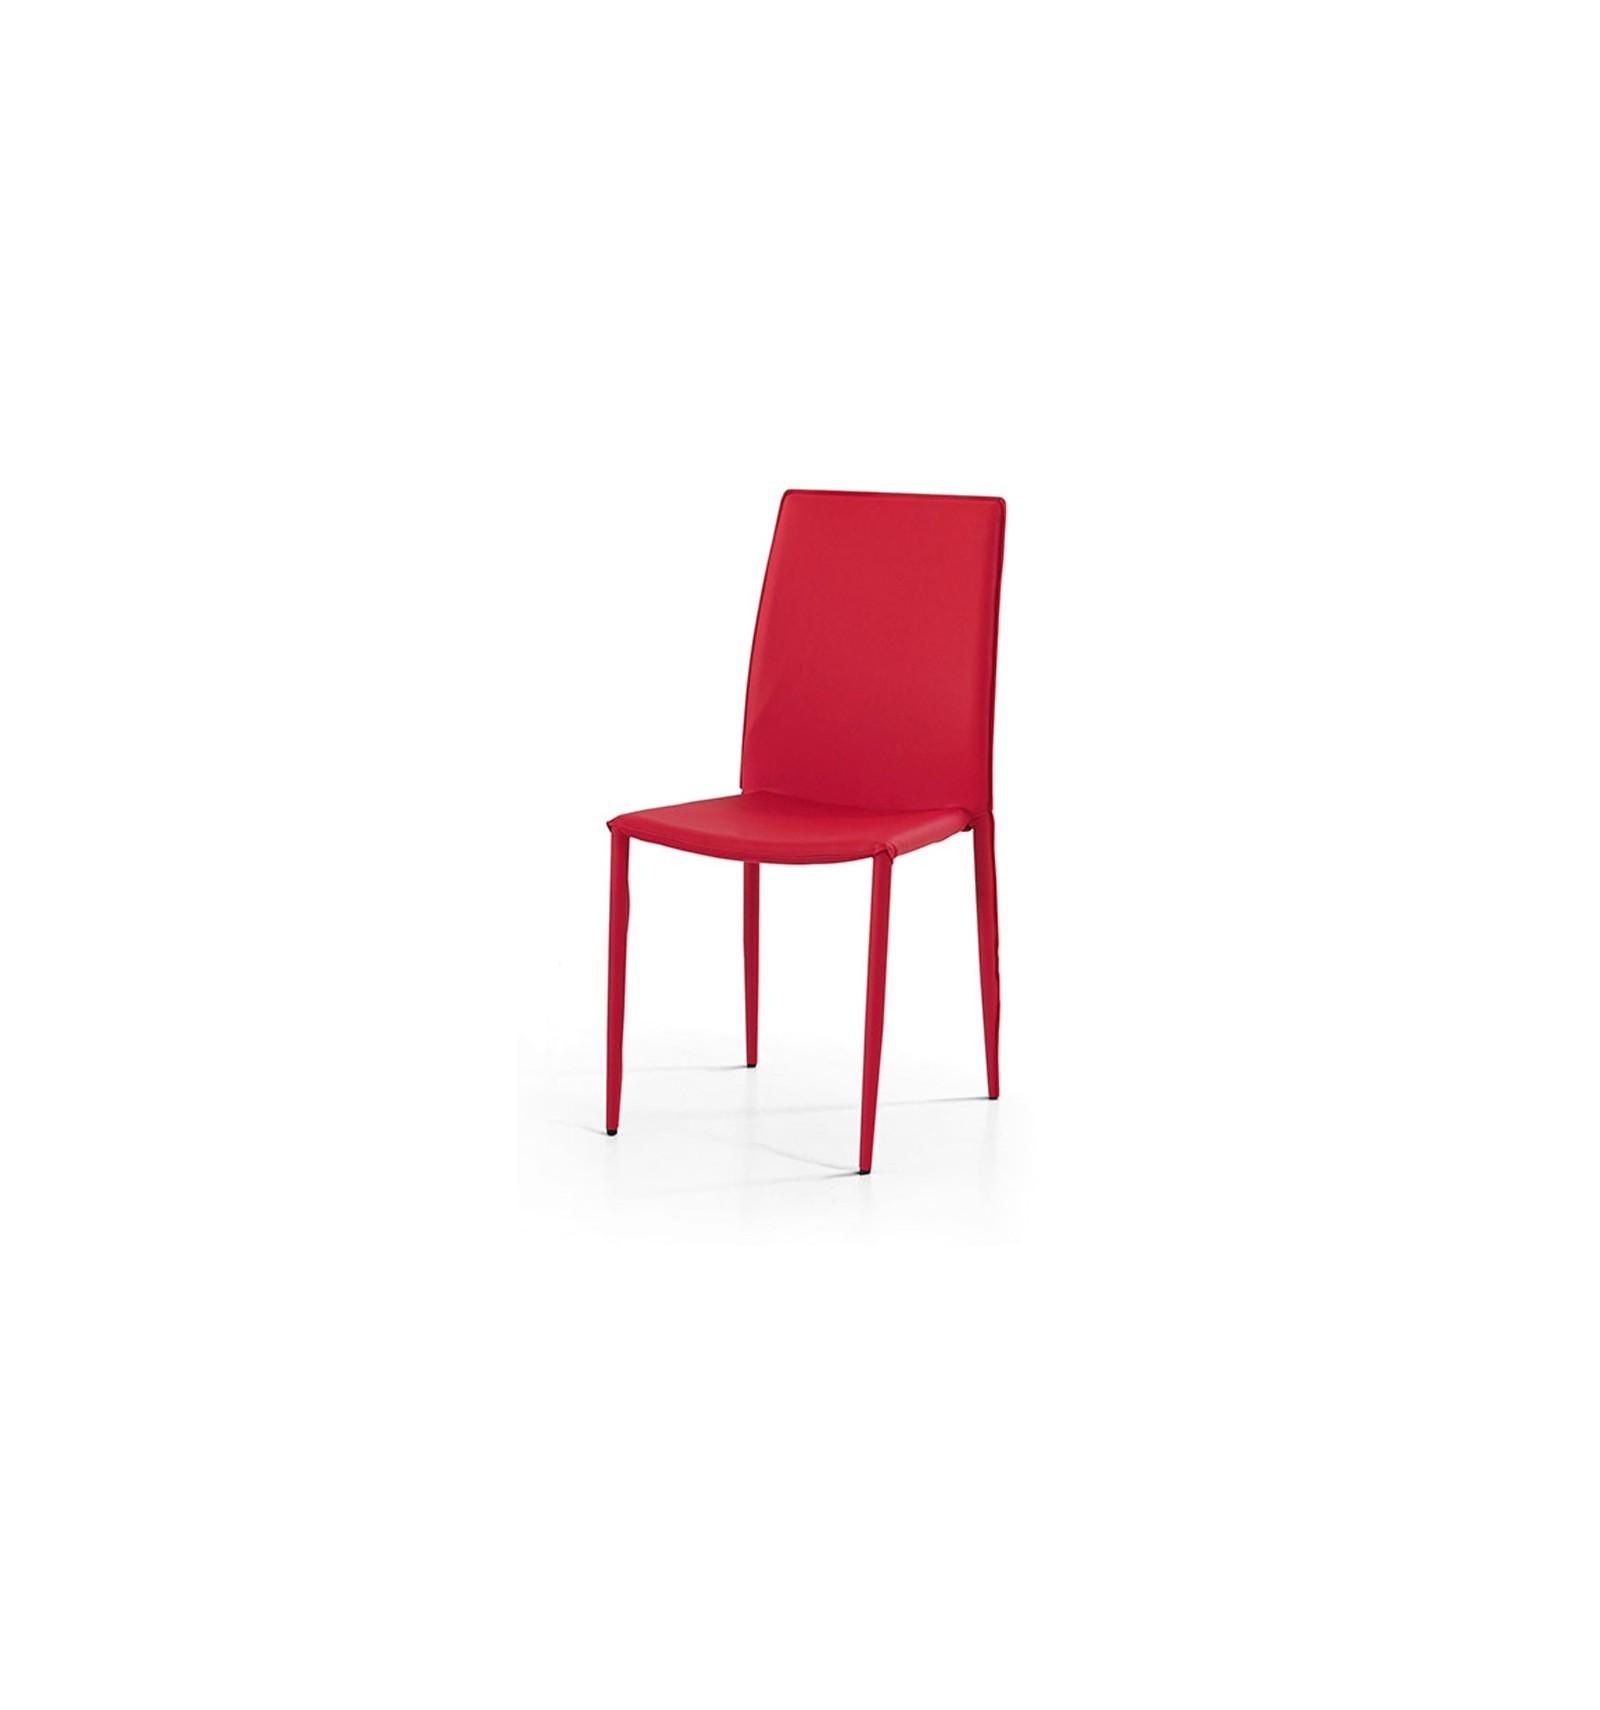 Set 4 Se Moderne ecopelle rosse Sedia Cucina Soggiorno W614 M